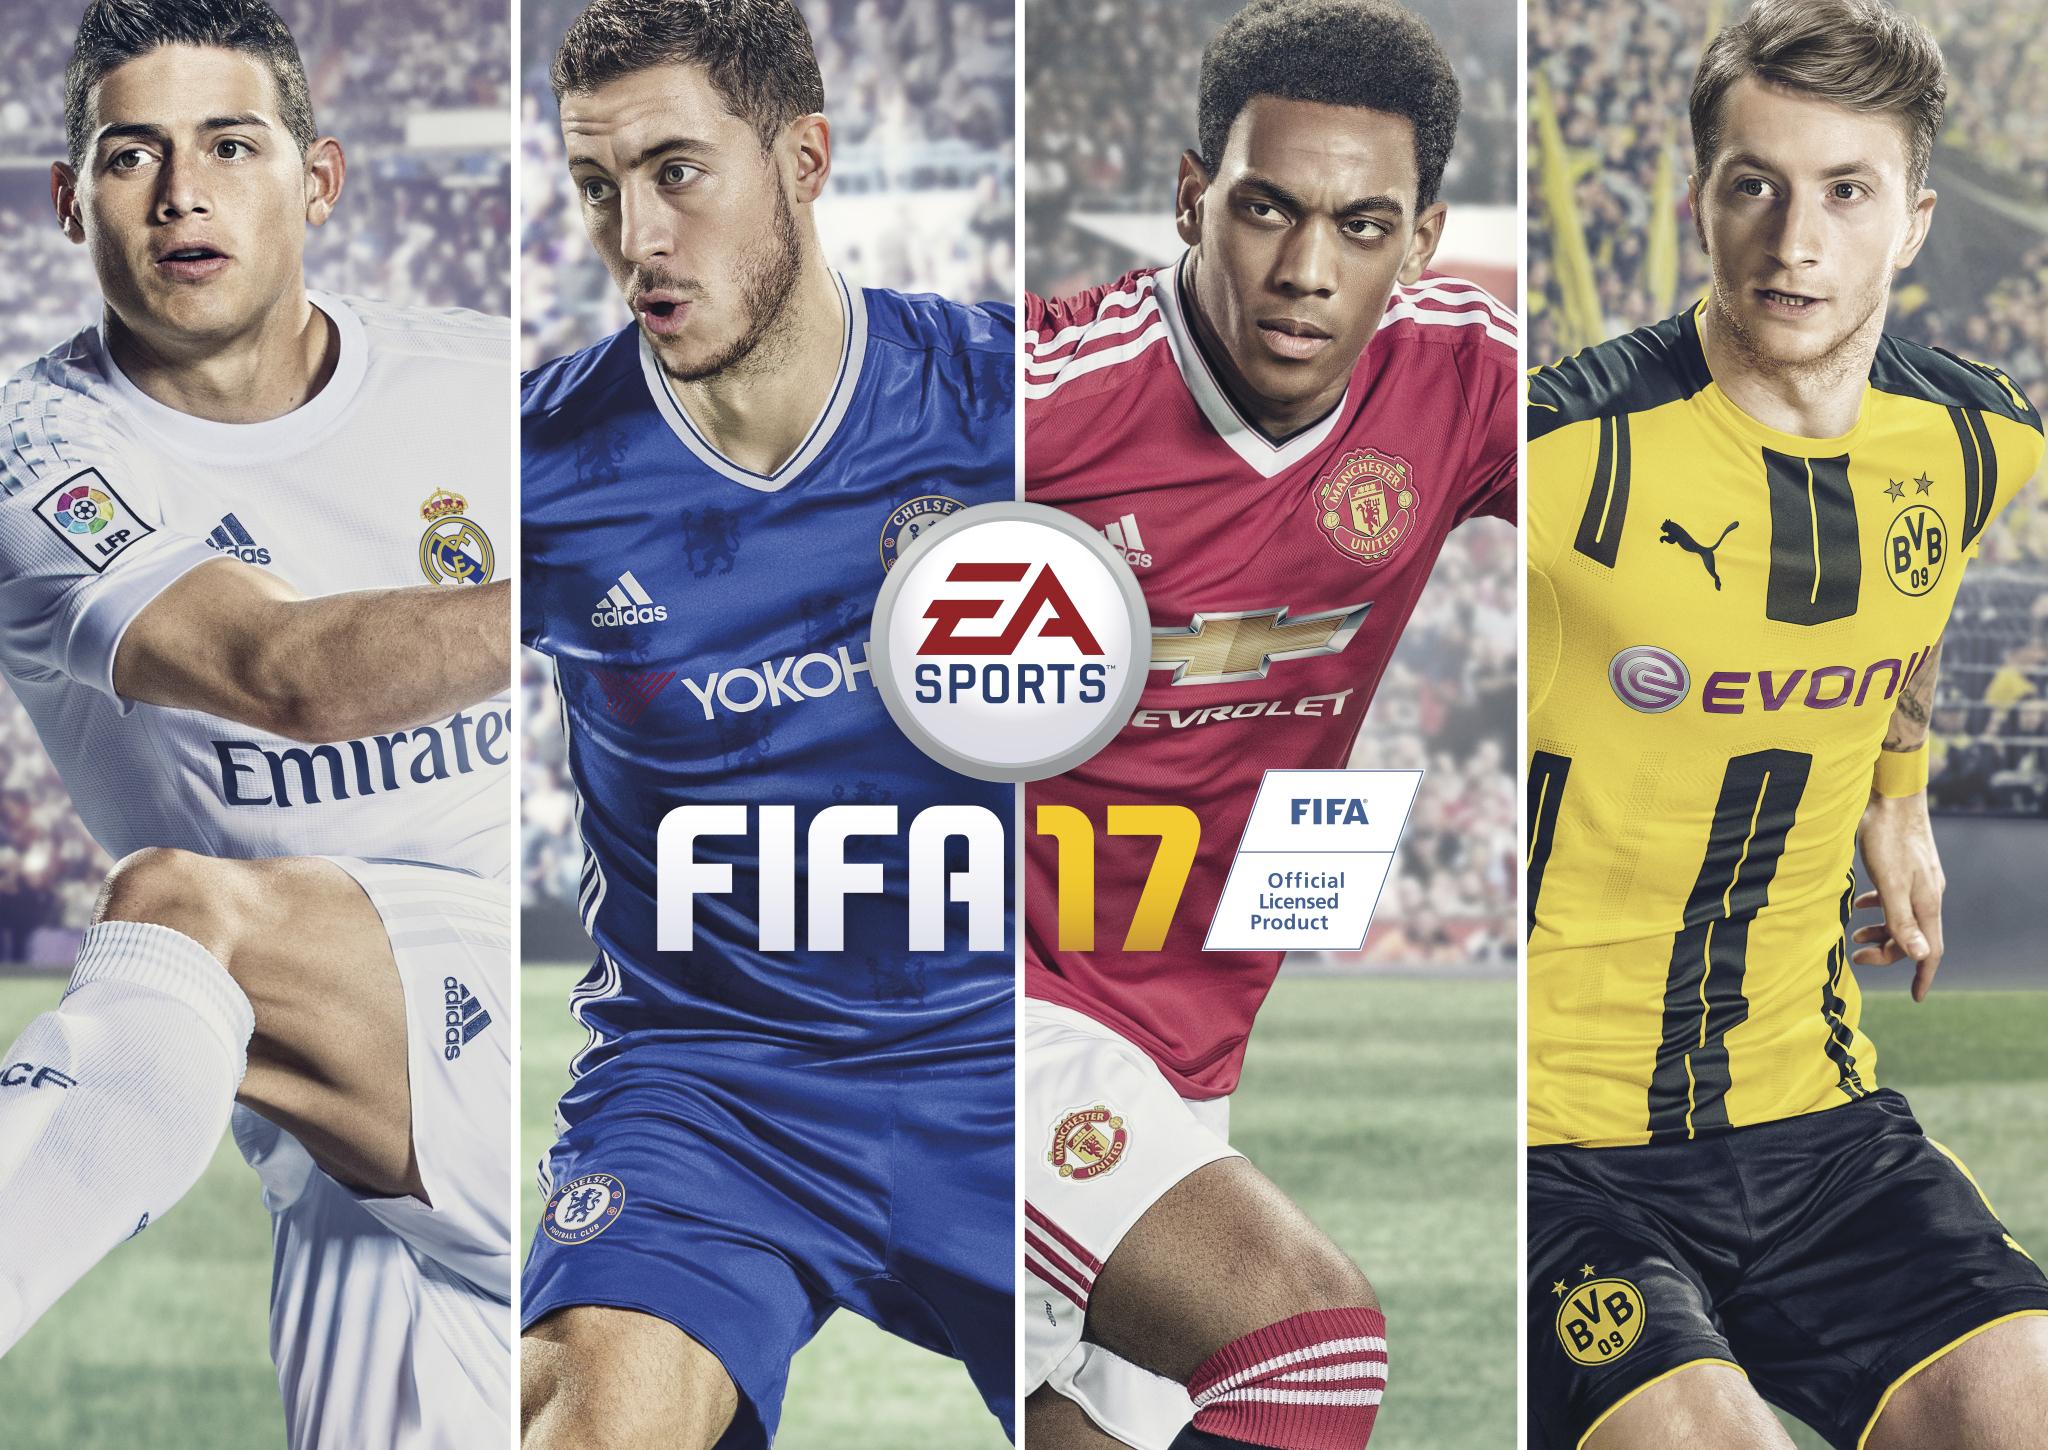 куплен FIFA 17